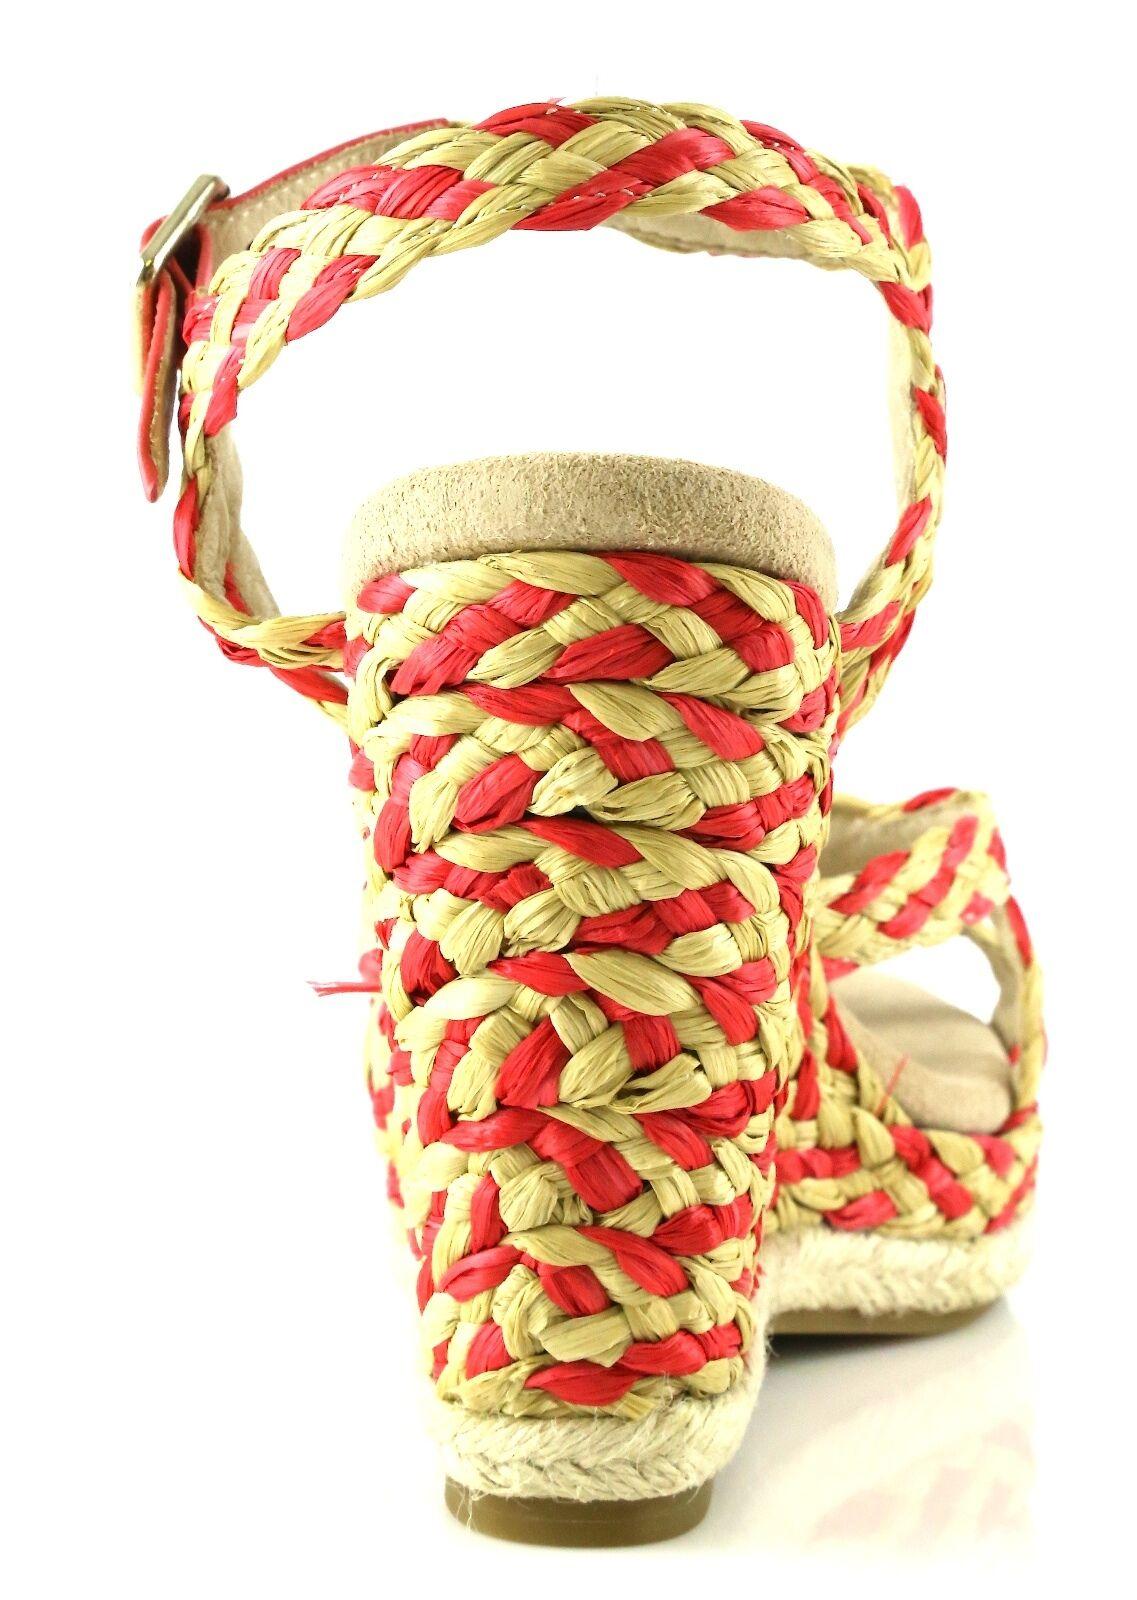 Juicy Couture FERNANDA Coral 10 Wedge Sandales 7030 Größe 10 Coral M NEW 194144